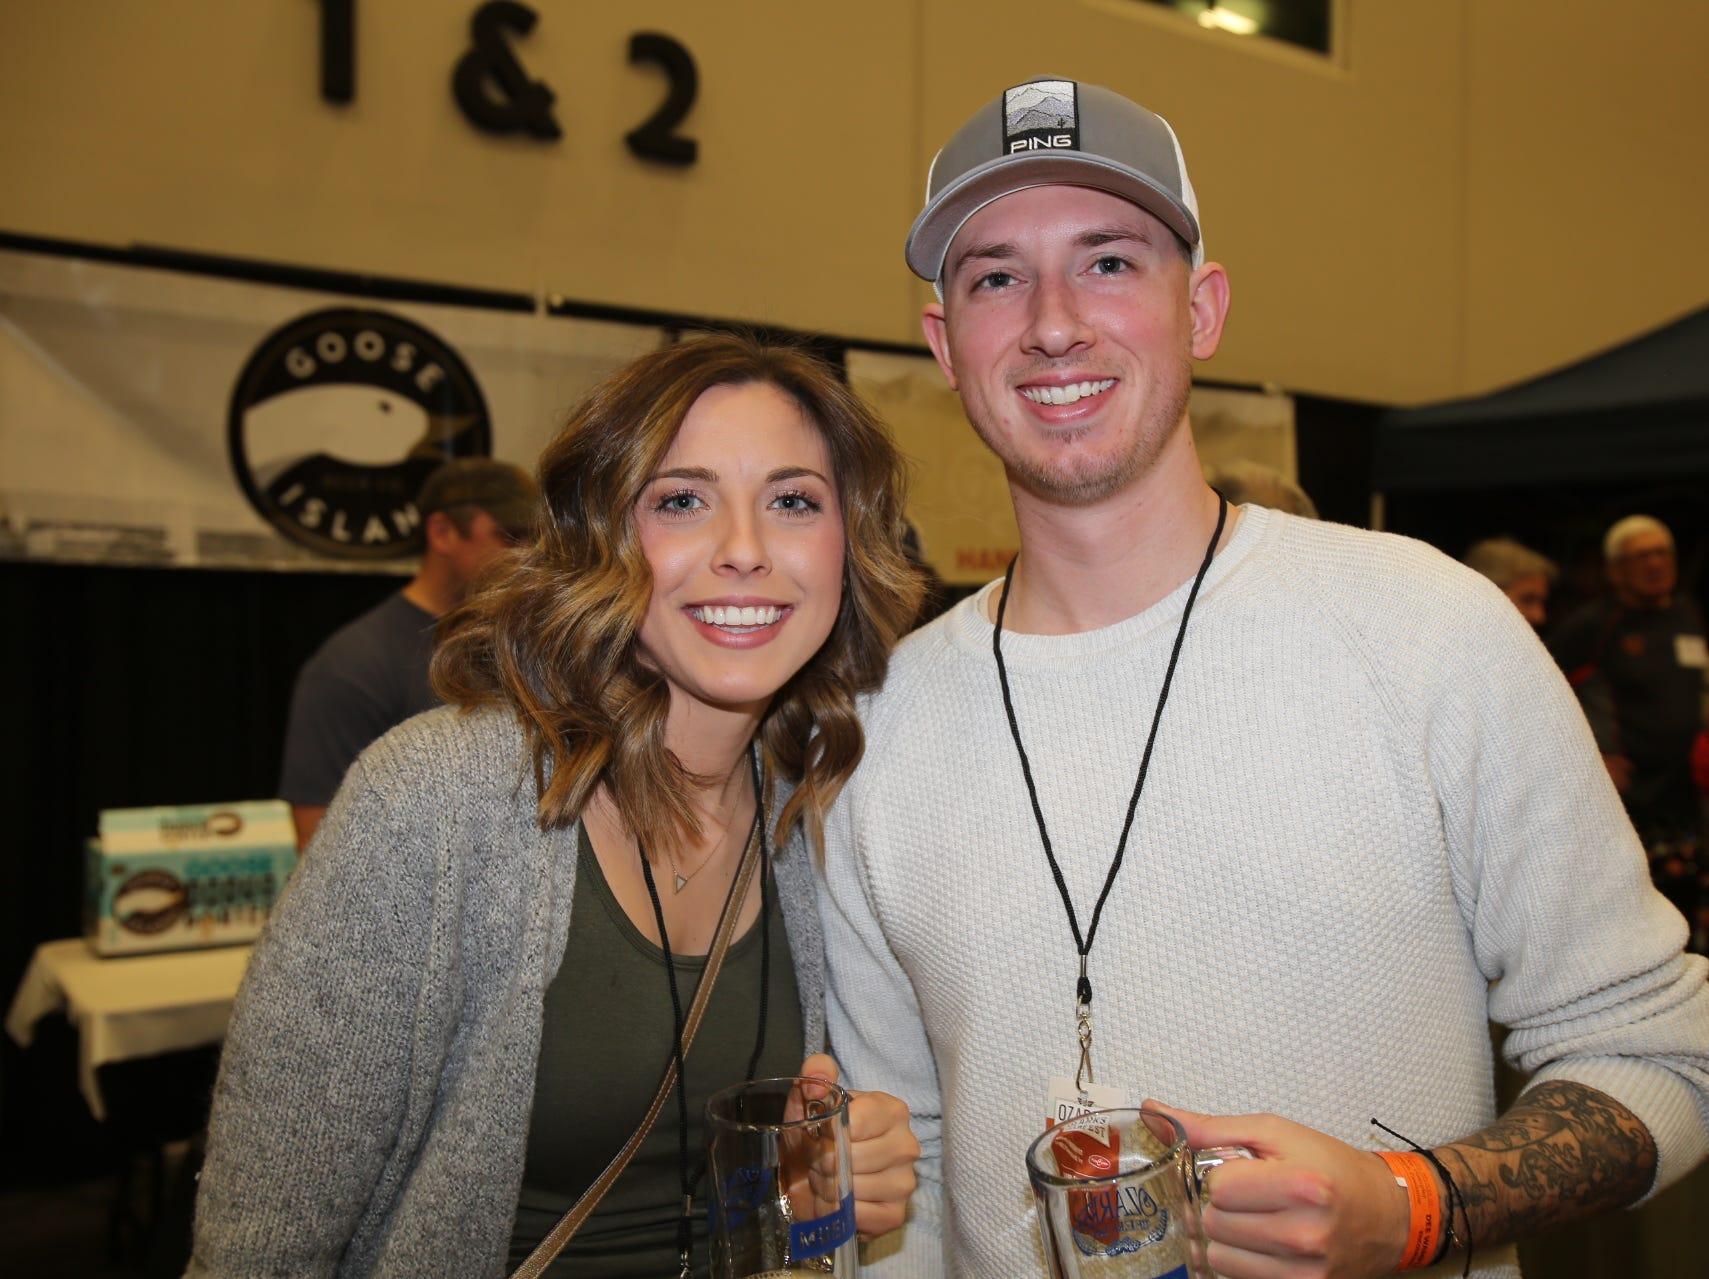 Jennifer Williams and Zack Denney